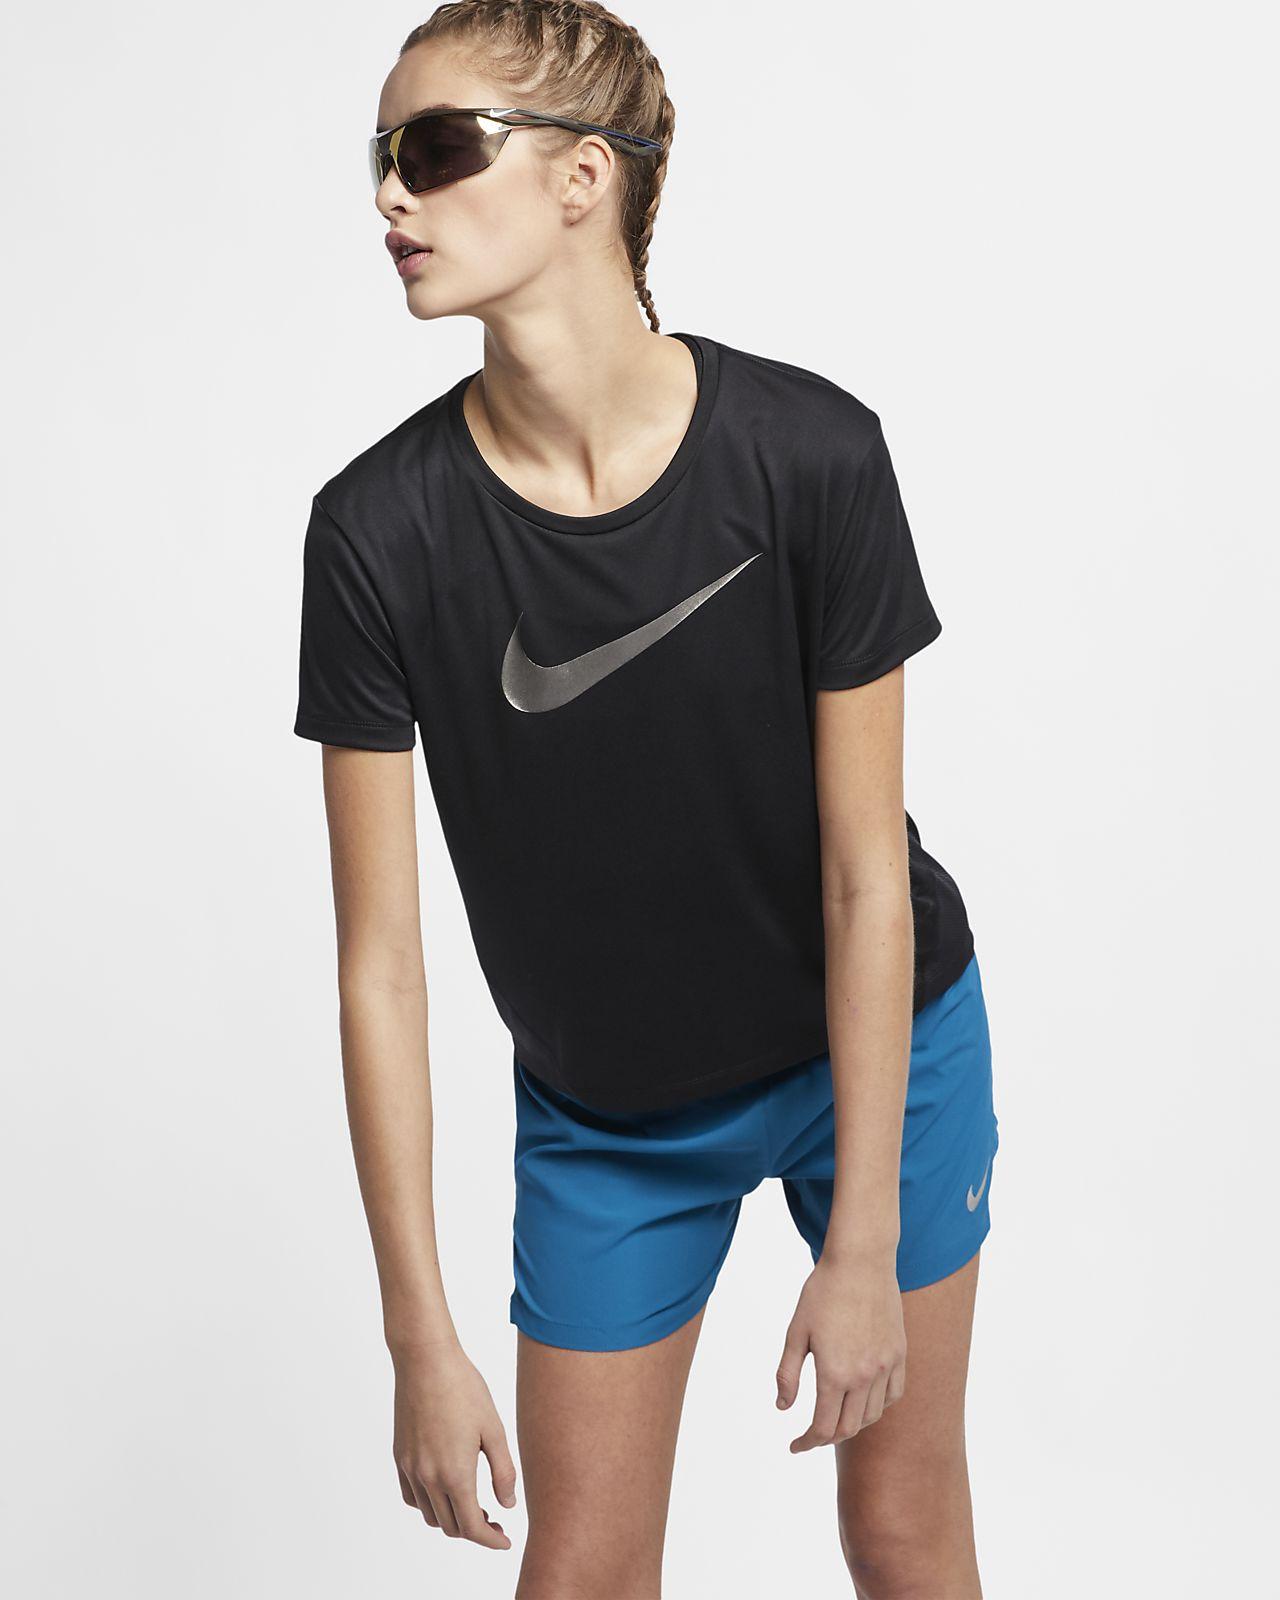 Dámské běžecké tričko Nike Miler s krátkým rukávem